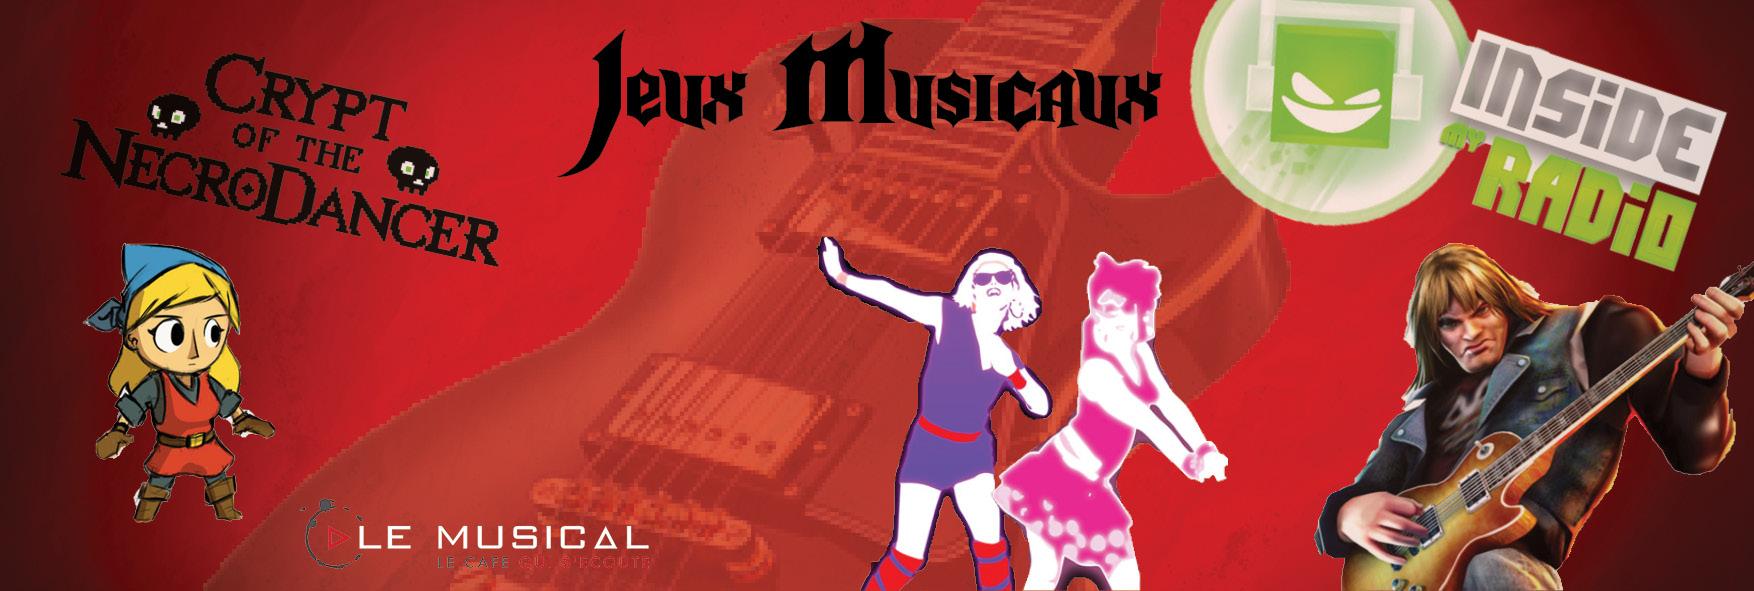 Soirée jeux musicaux